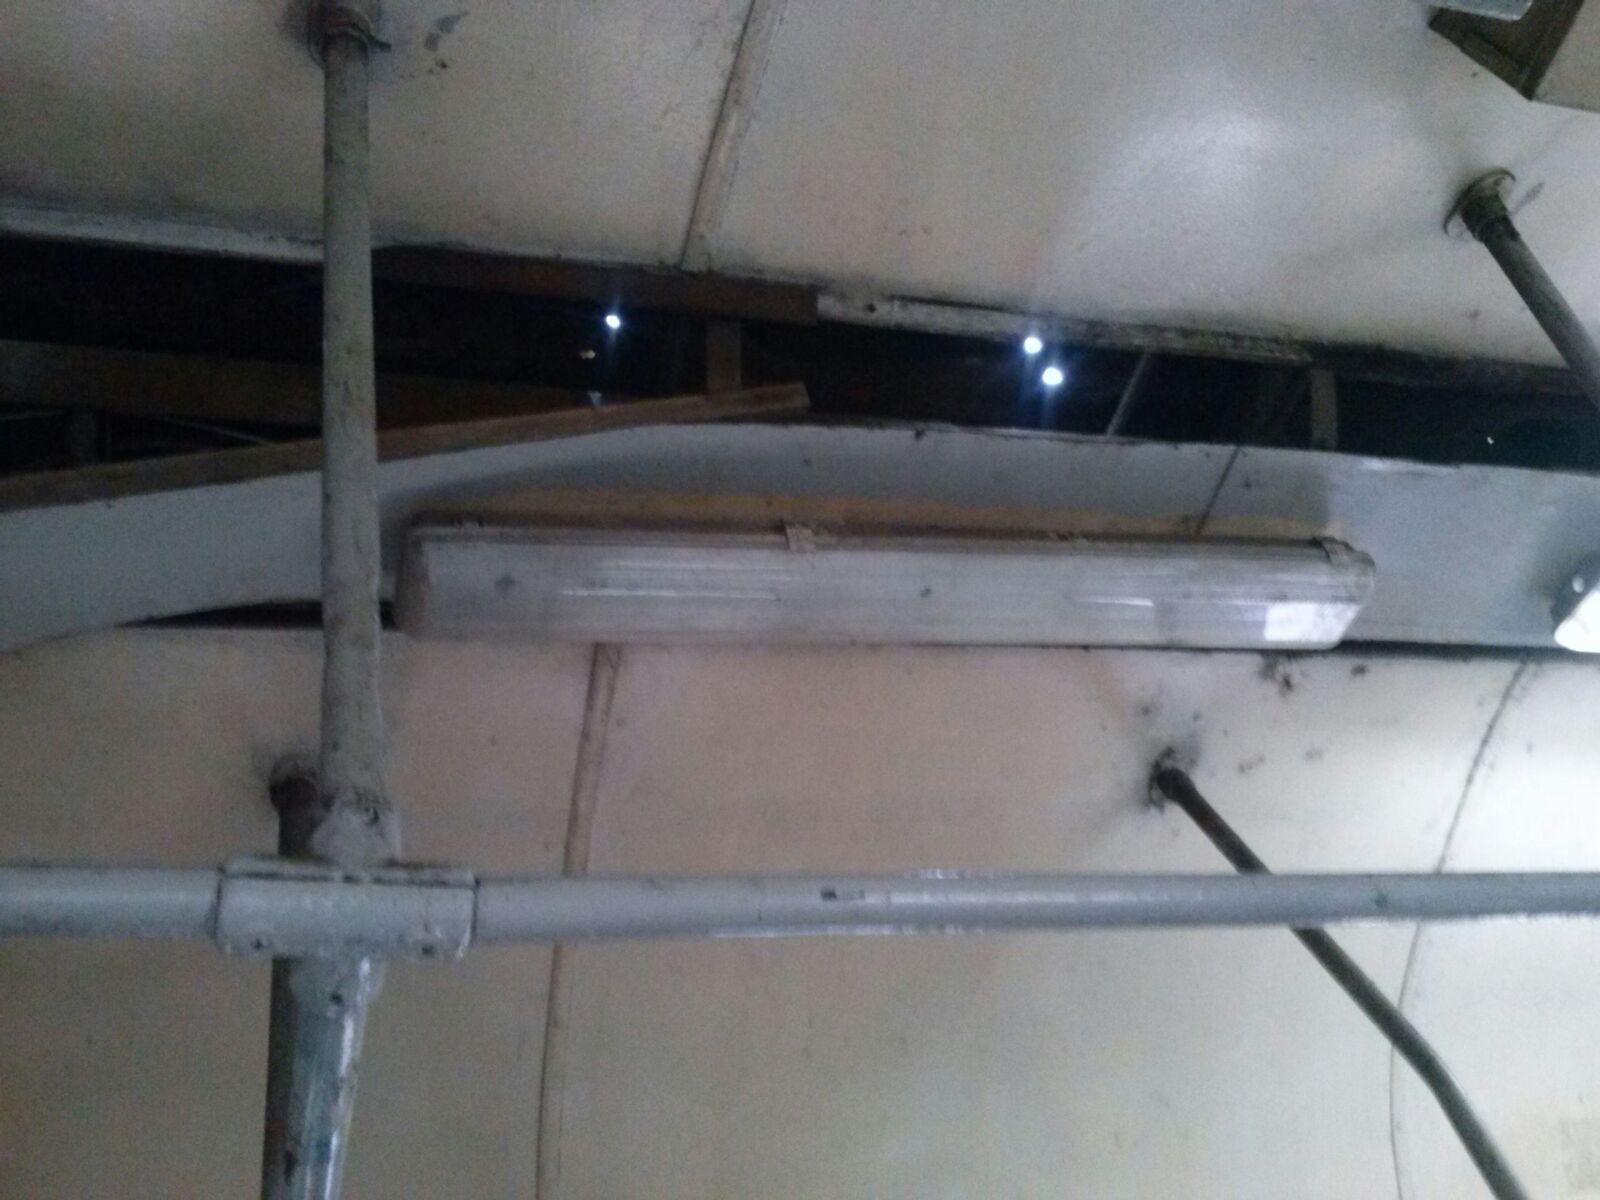 تردي قطارات أبوقير بالإسكندرية.. ومواطن: رفعوا تذكرة وسيلة المُعدمين